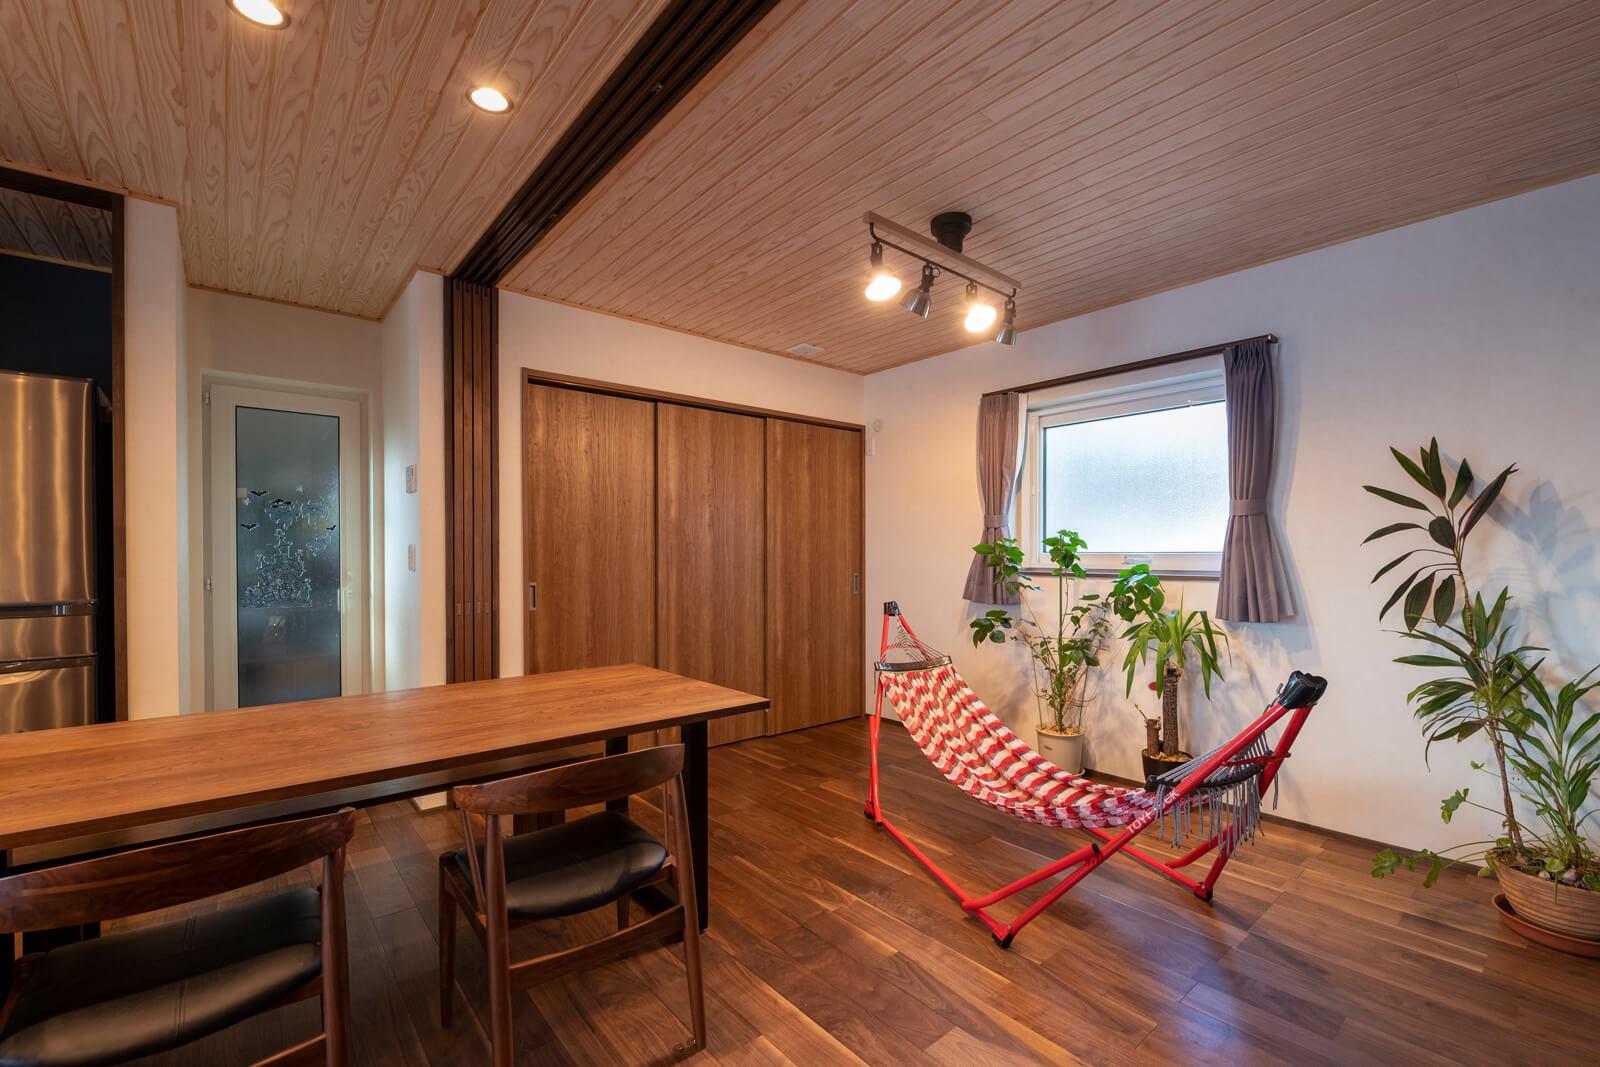 LDKに連続する6畳のスペースは間仕切り可。将来、居室として使うことも想定した設計